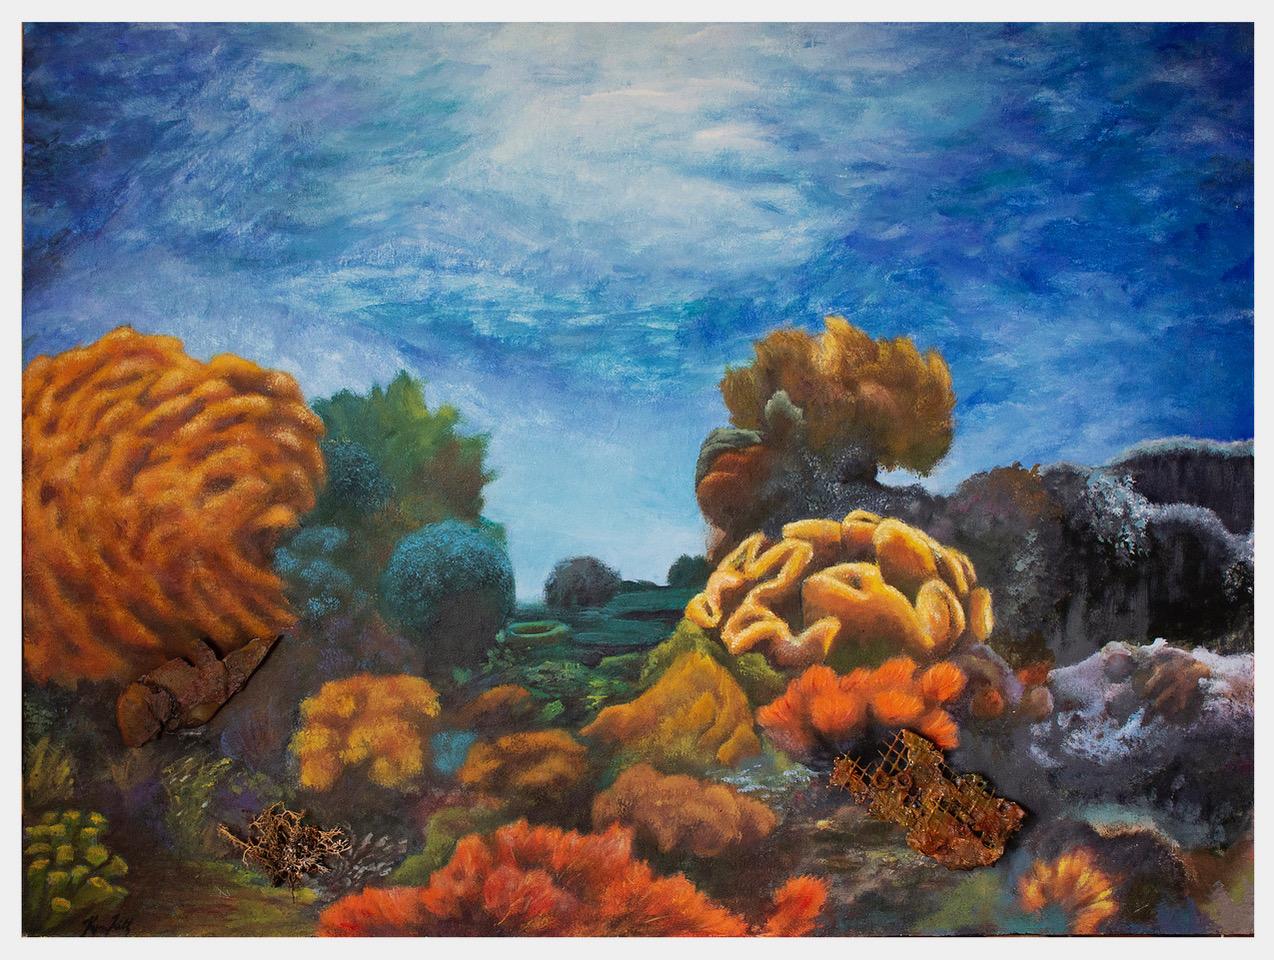 K. Hiltz - Ocean Discoveries - Teen Class